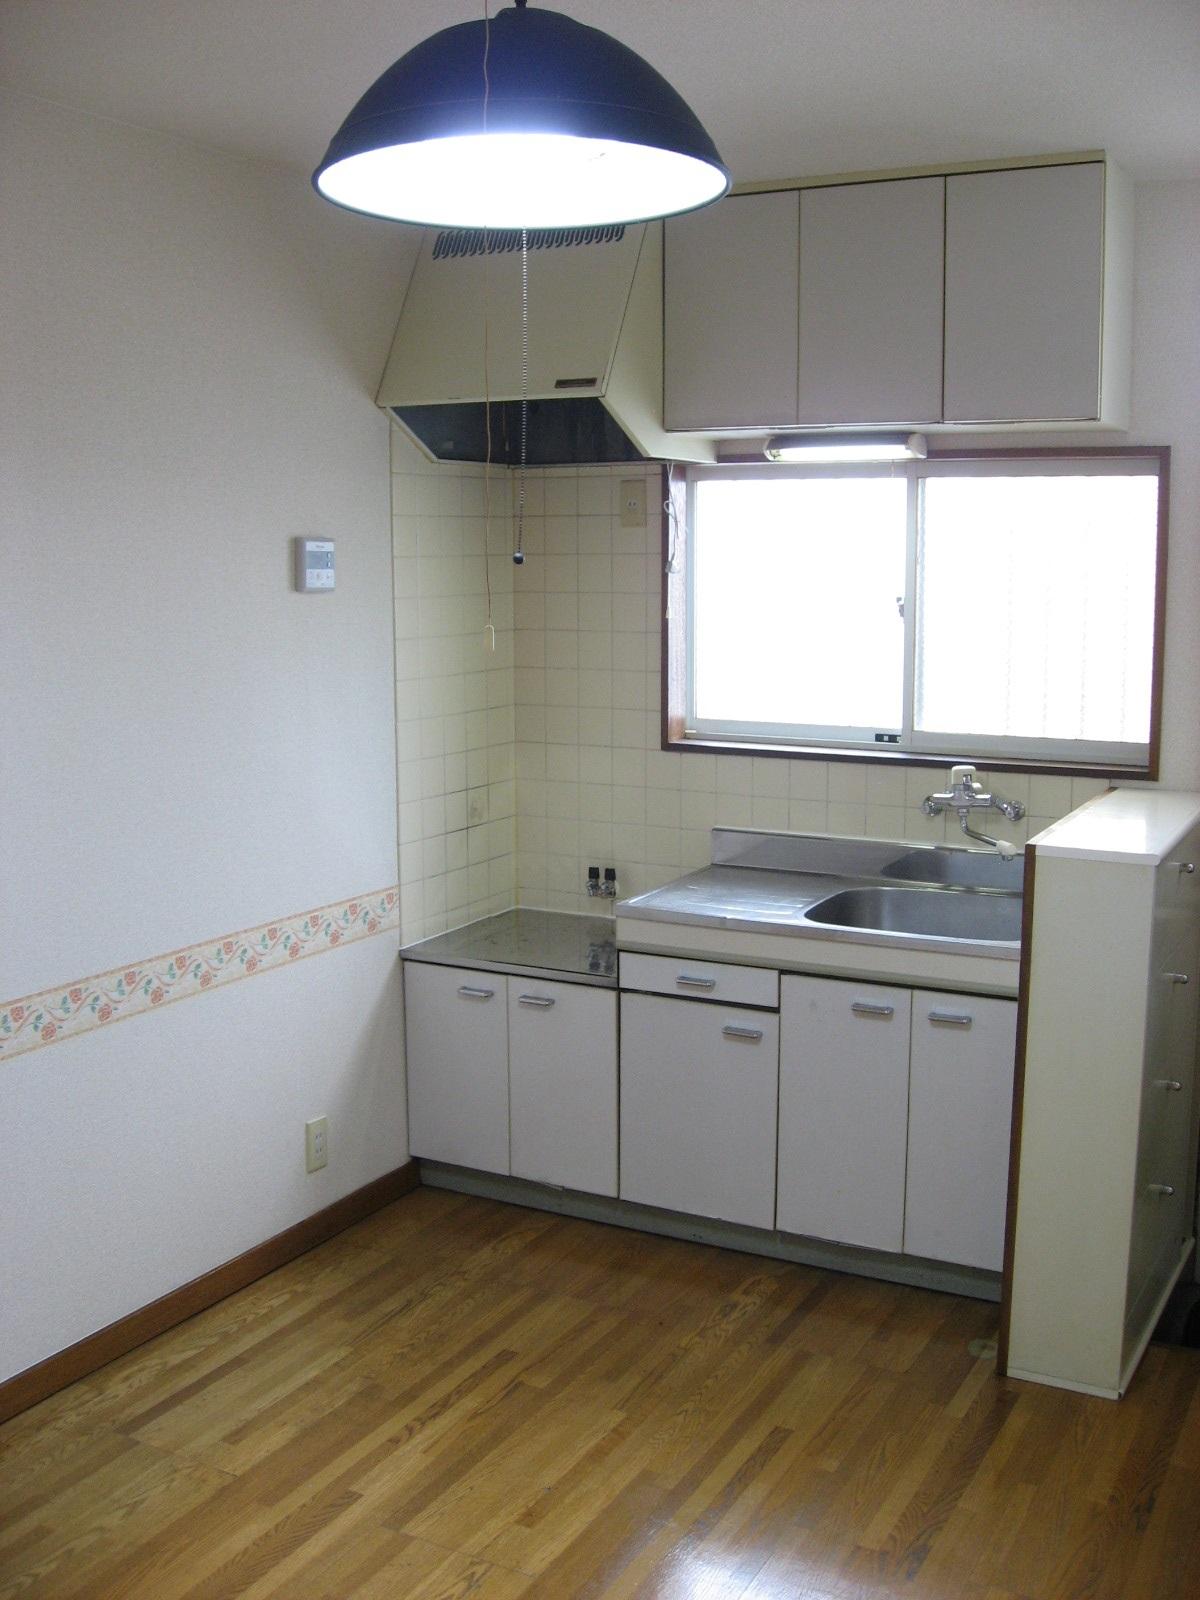 キッチン ガスコンロ利用可。窓付キッチンで楽しいお料理を!